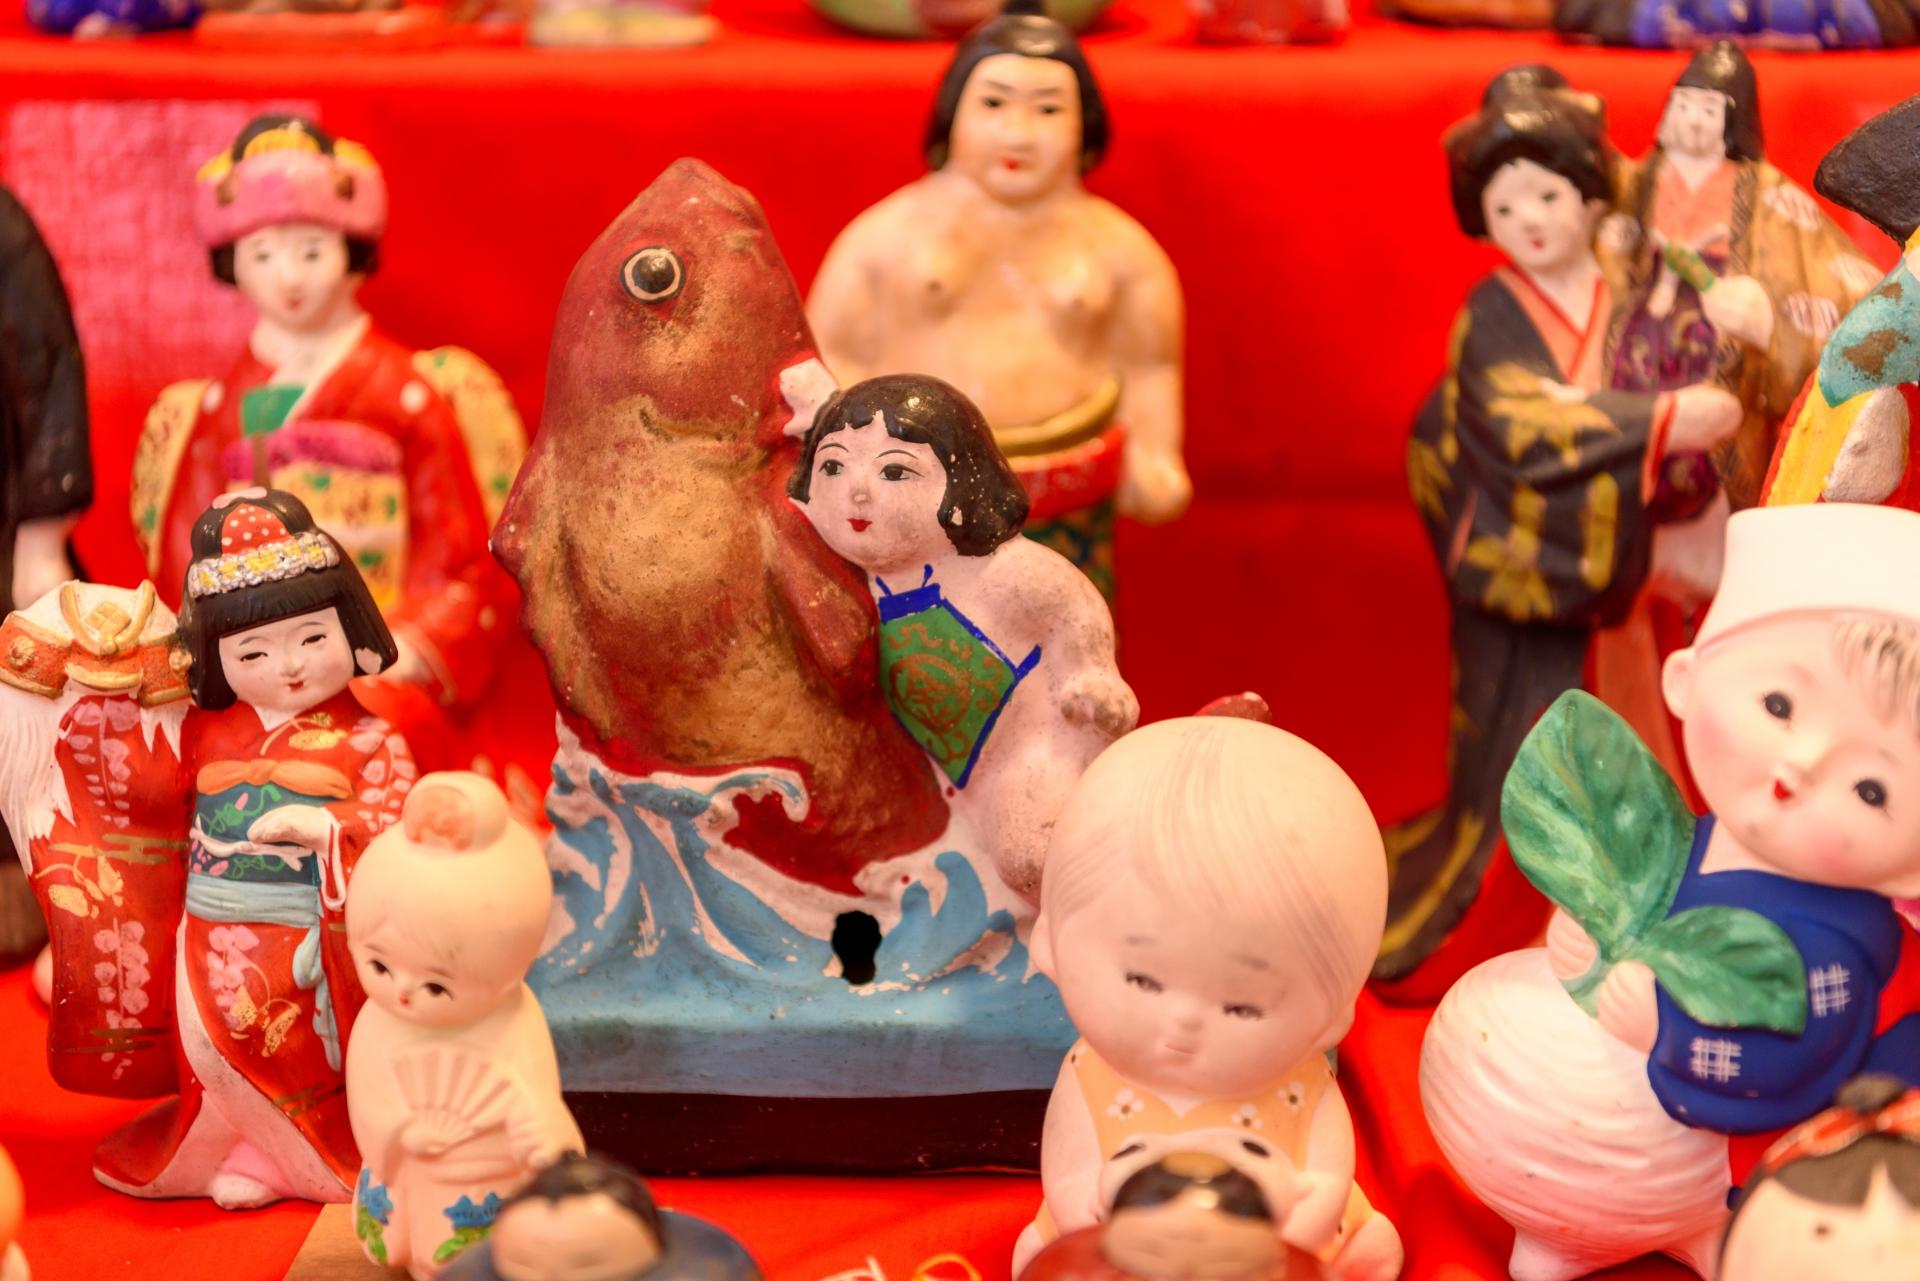 人形供養祭、ご存知ですか?